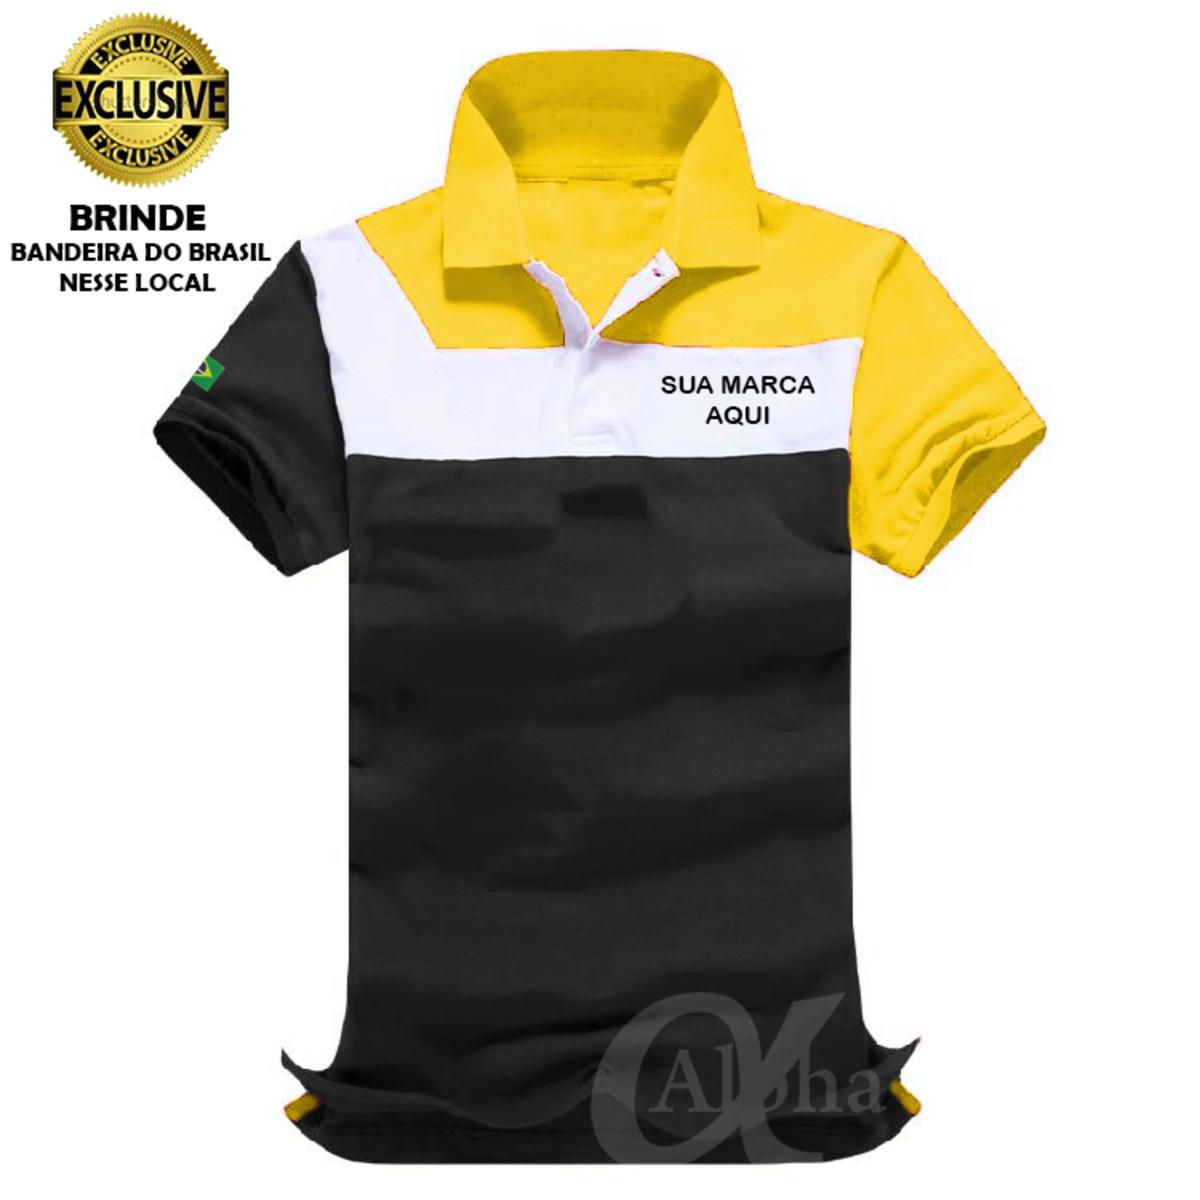 c62253e83c Camiseta pólo modelo exclusivo uniformes profissionais kit 4 no Elo7 ...